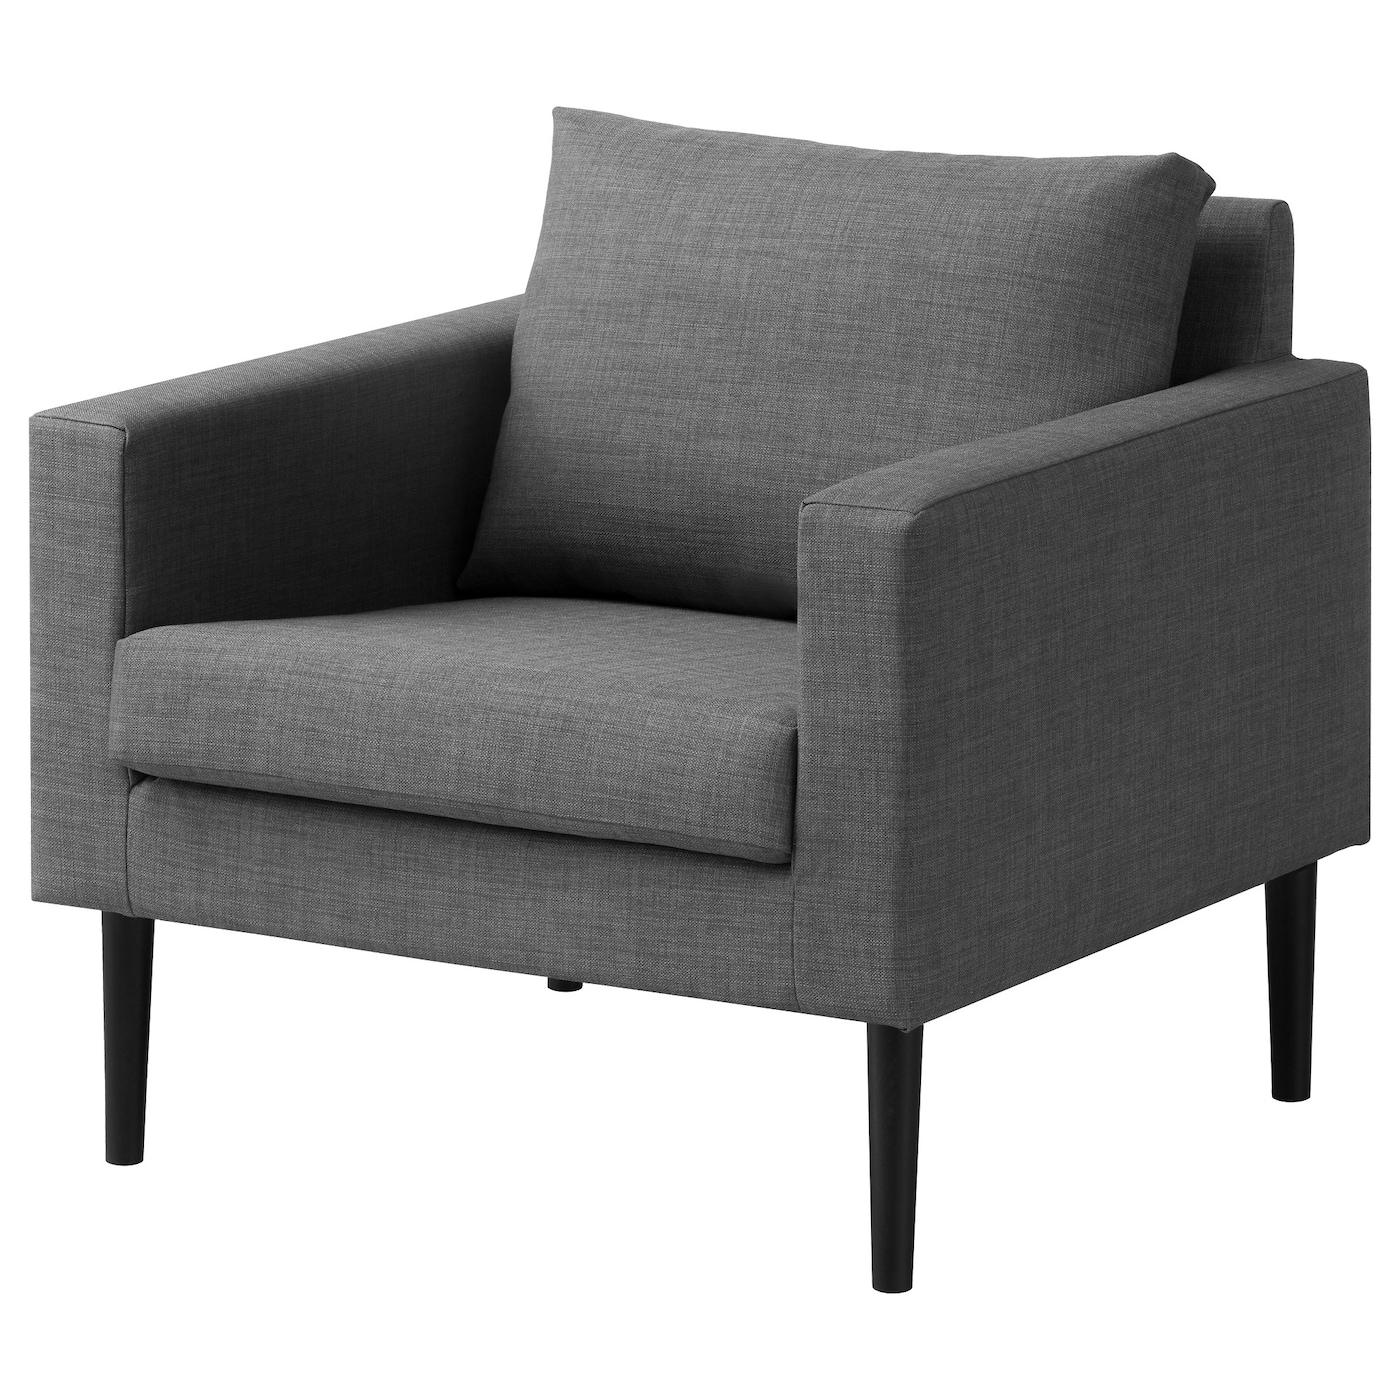 Sillones Comodos Y De Calidad Compra Online Ikea